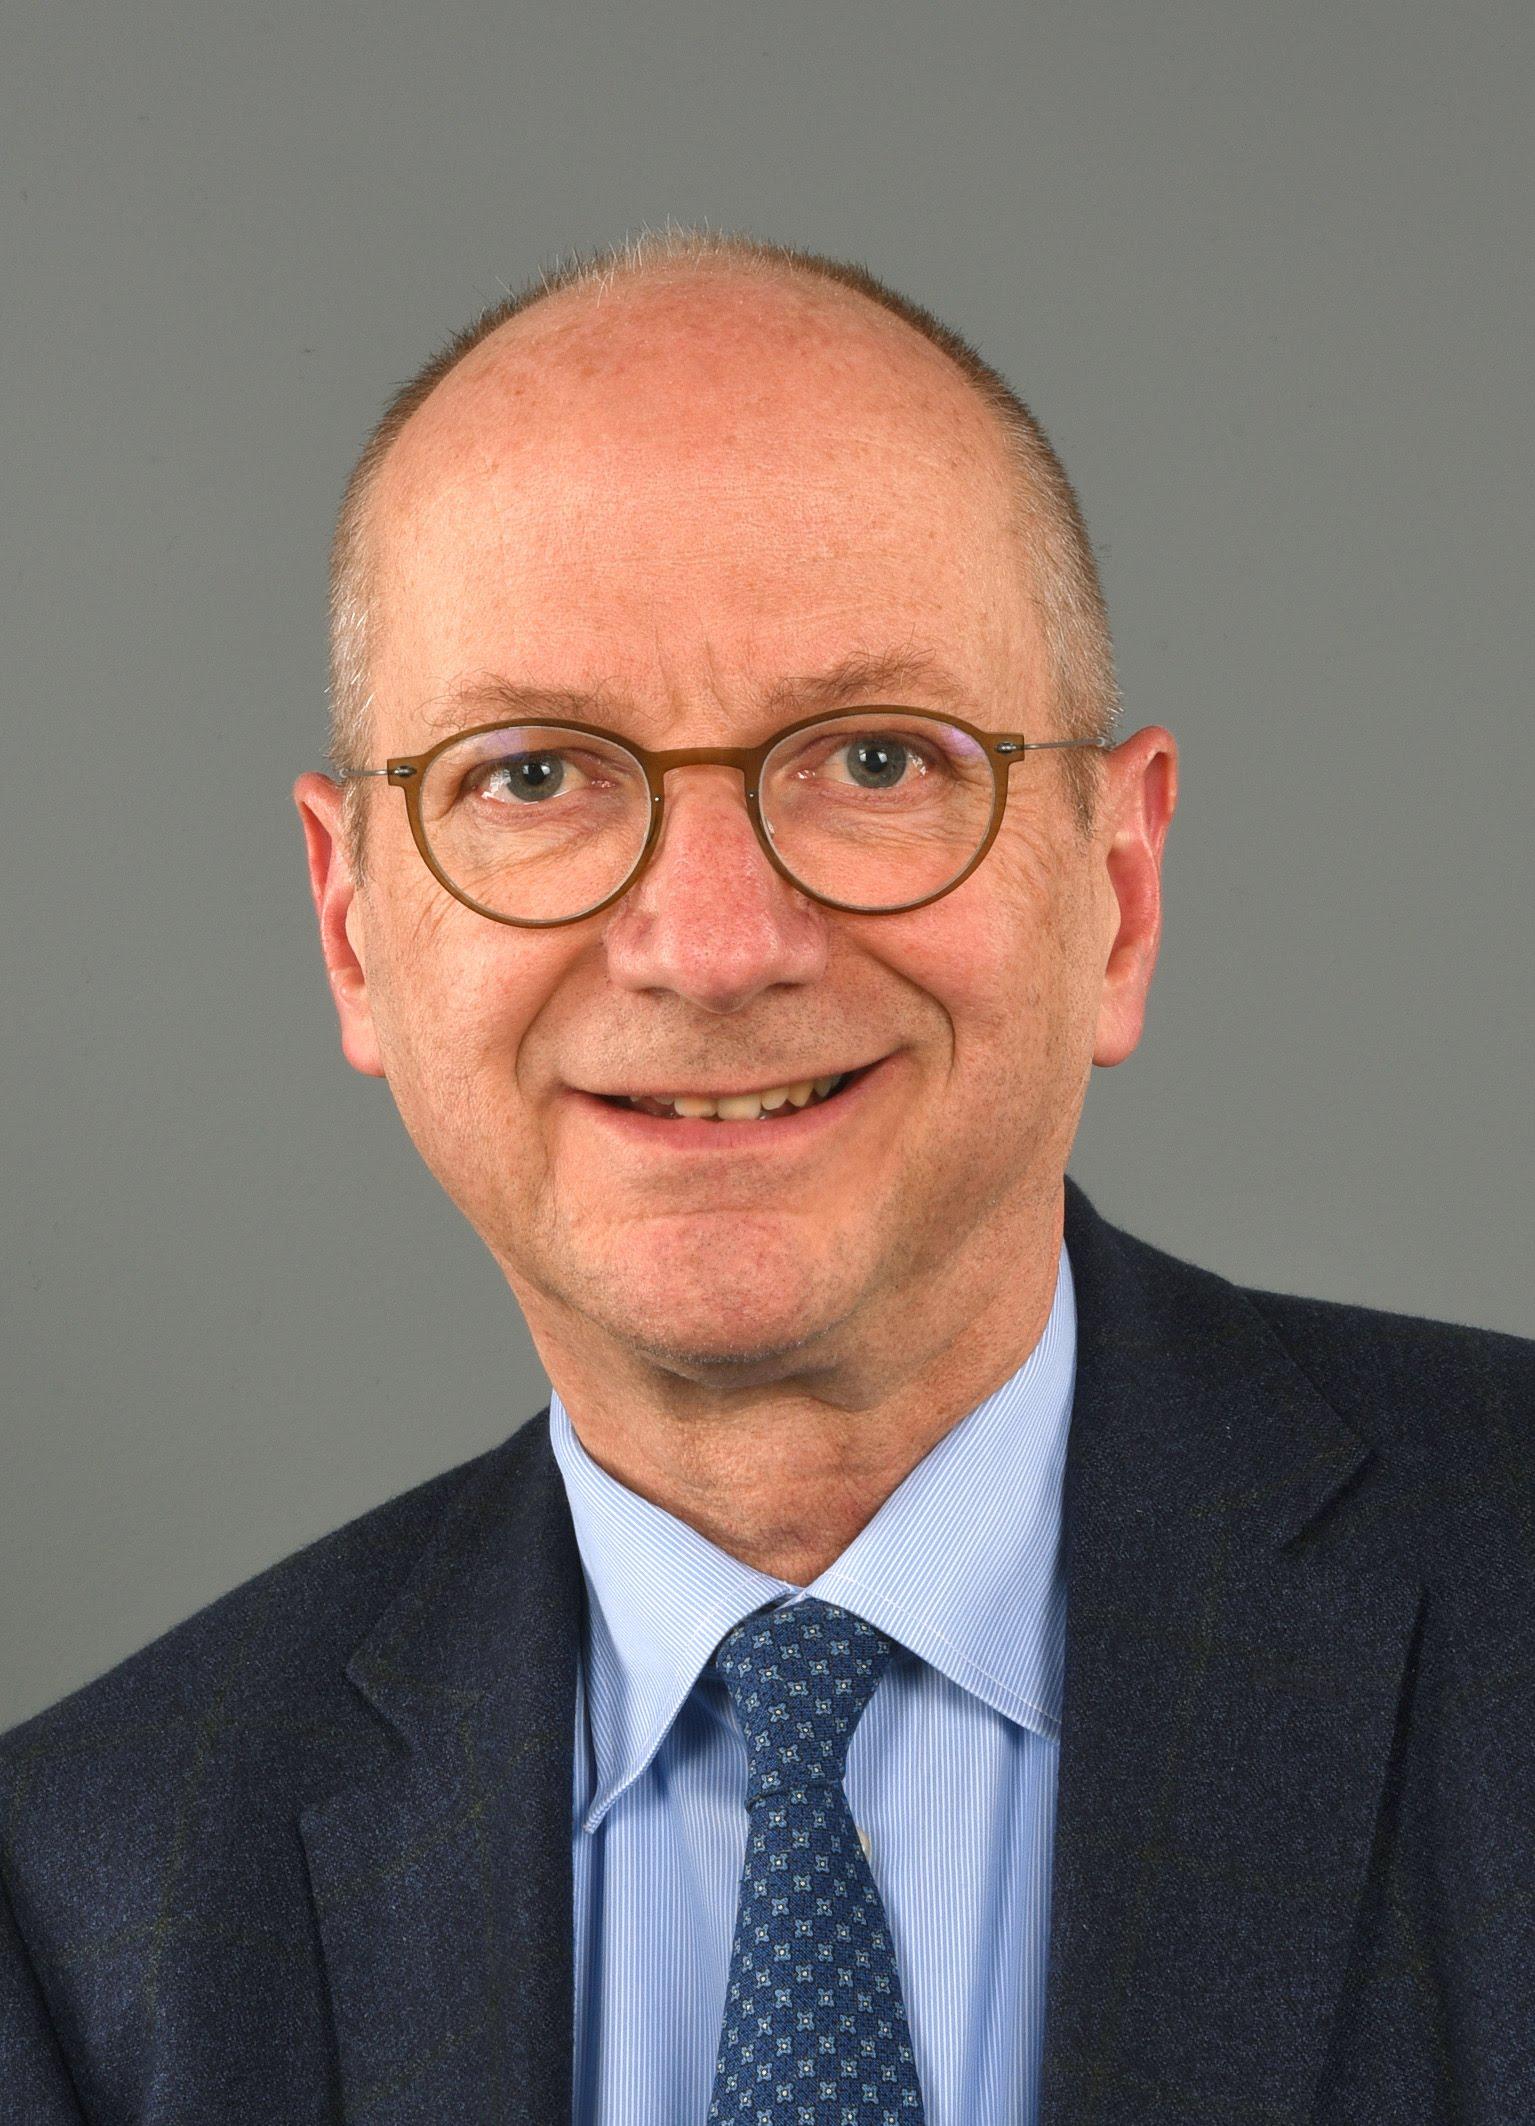 Prof. Dr. Peter Steijlen